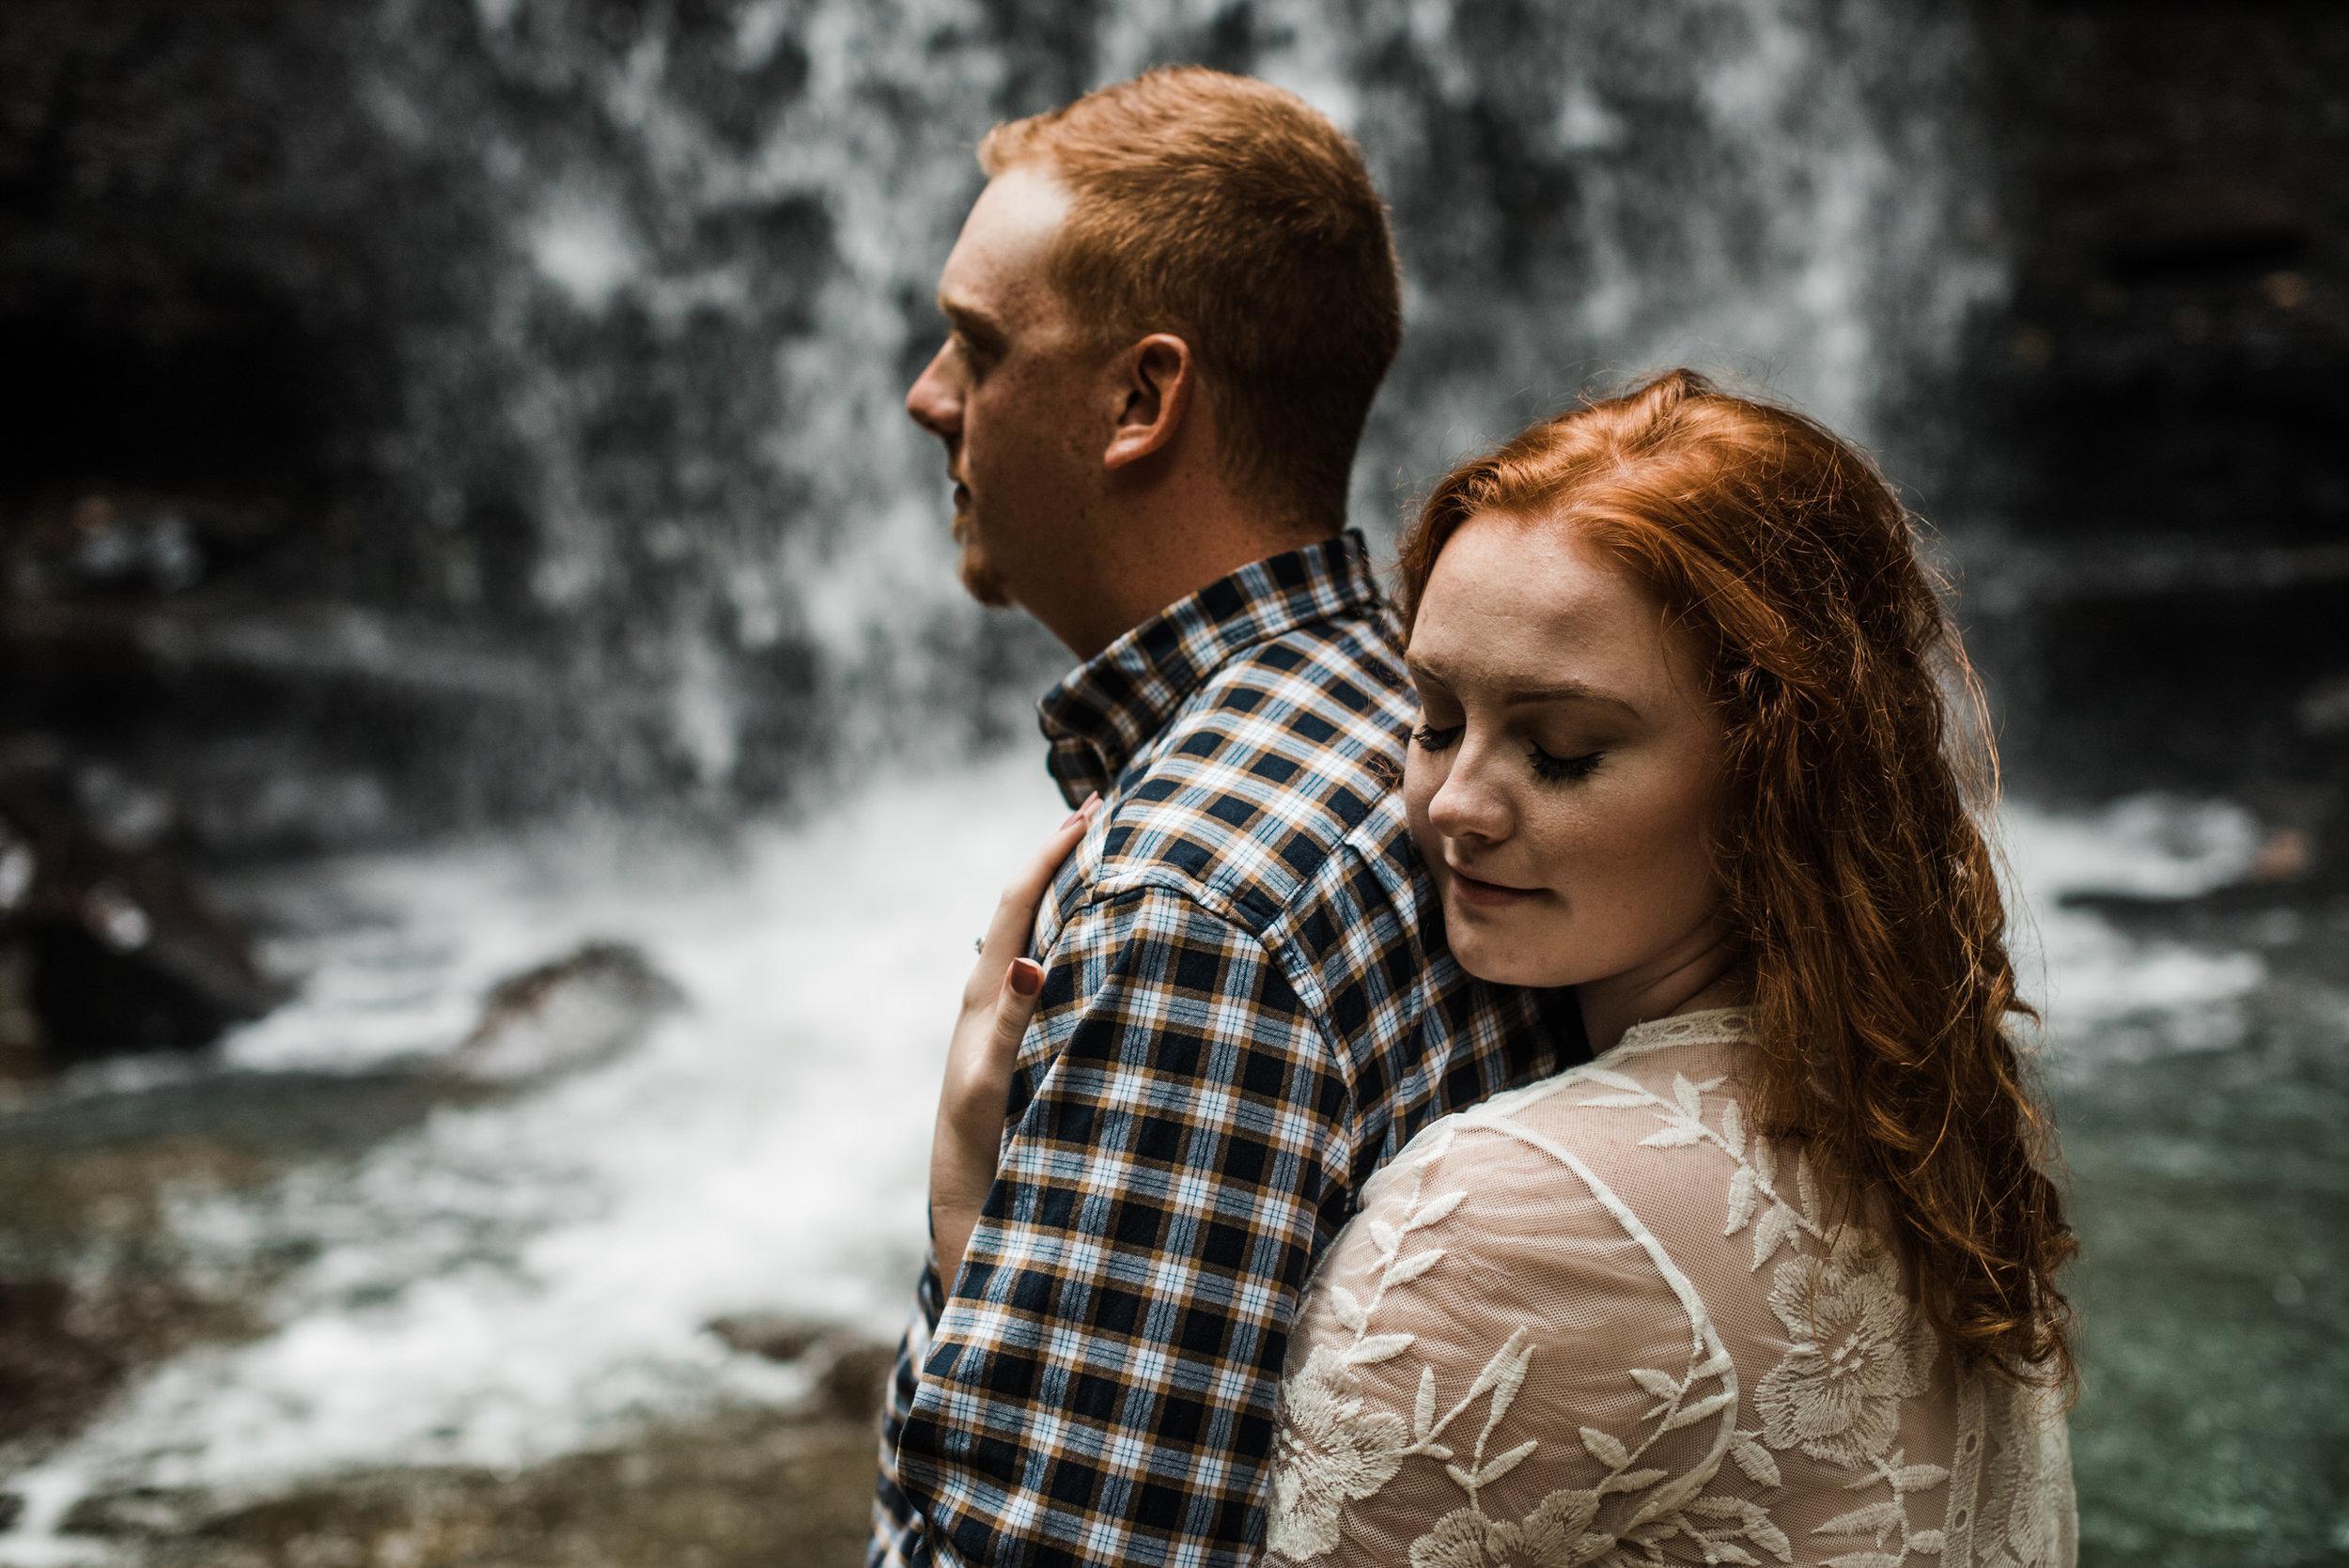 Ohio-Pyle-Engagement_Photos-Ashley-Reed_Photography_004.jpg